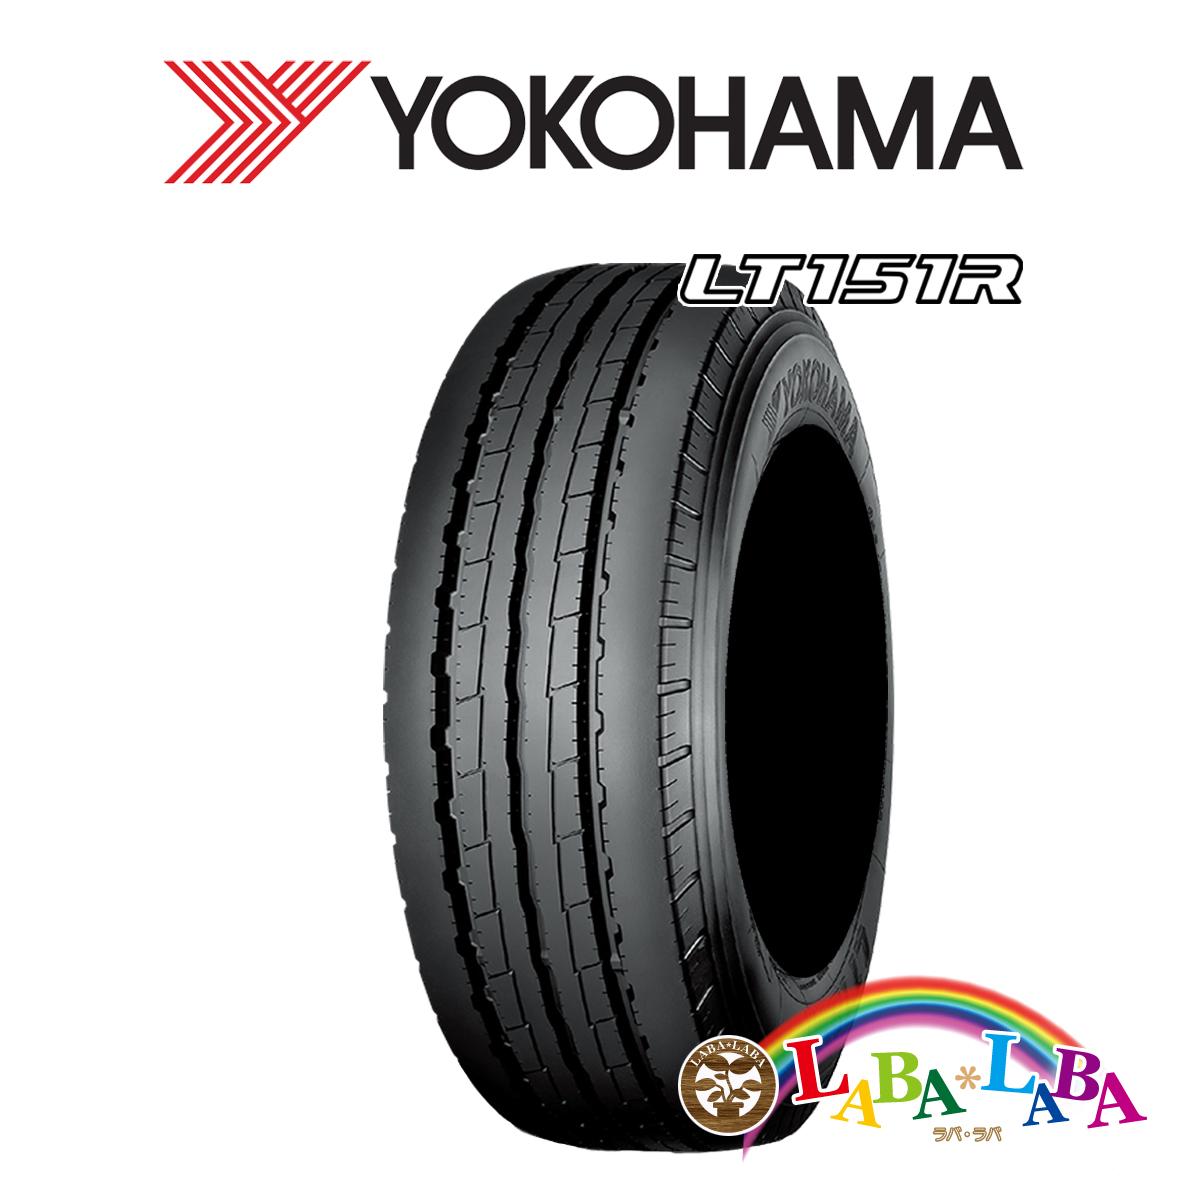 2本以上送料無料 国産タイヤ サマータイヤ !超美品再入荷品質至上! 新品 タイヤのみ 送料無料お手入れ要らず YOKOHAMA ヨコハマ LT151R バン 106 104L 185 75R15 LT